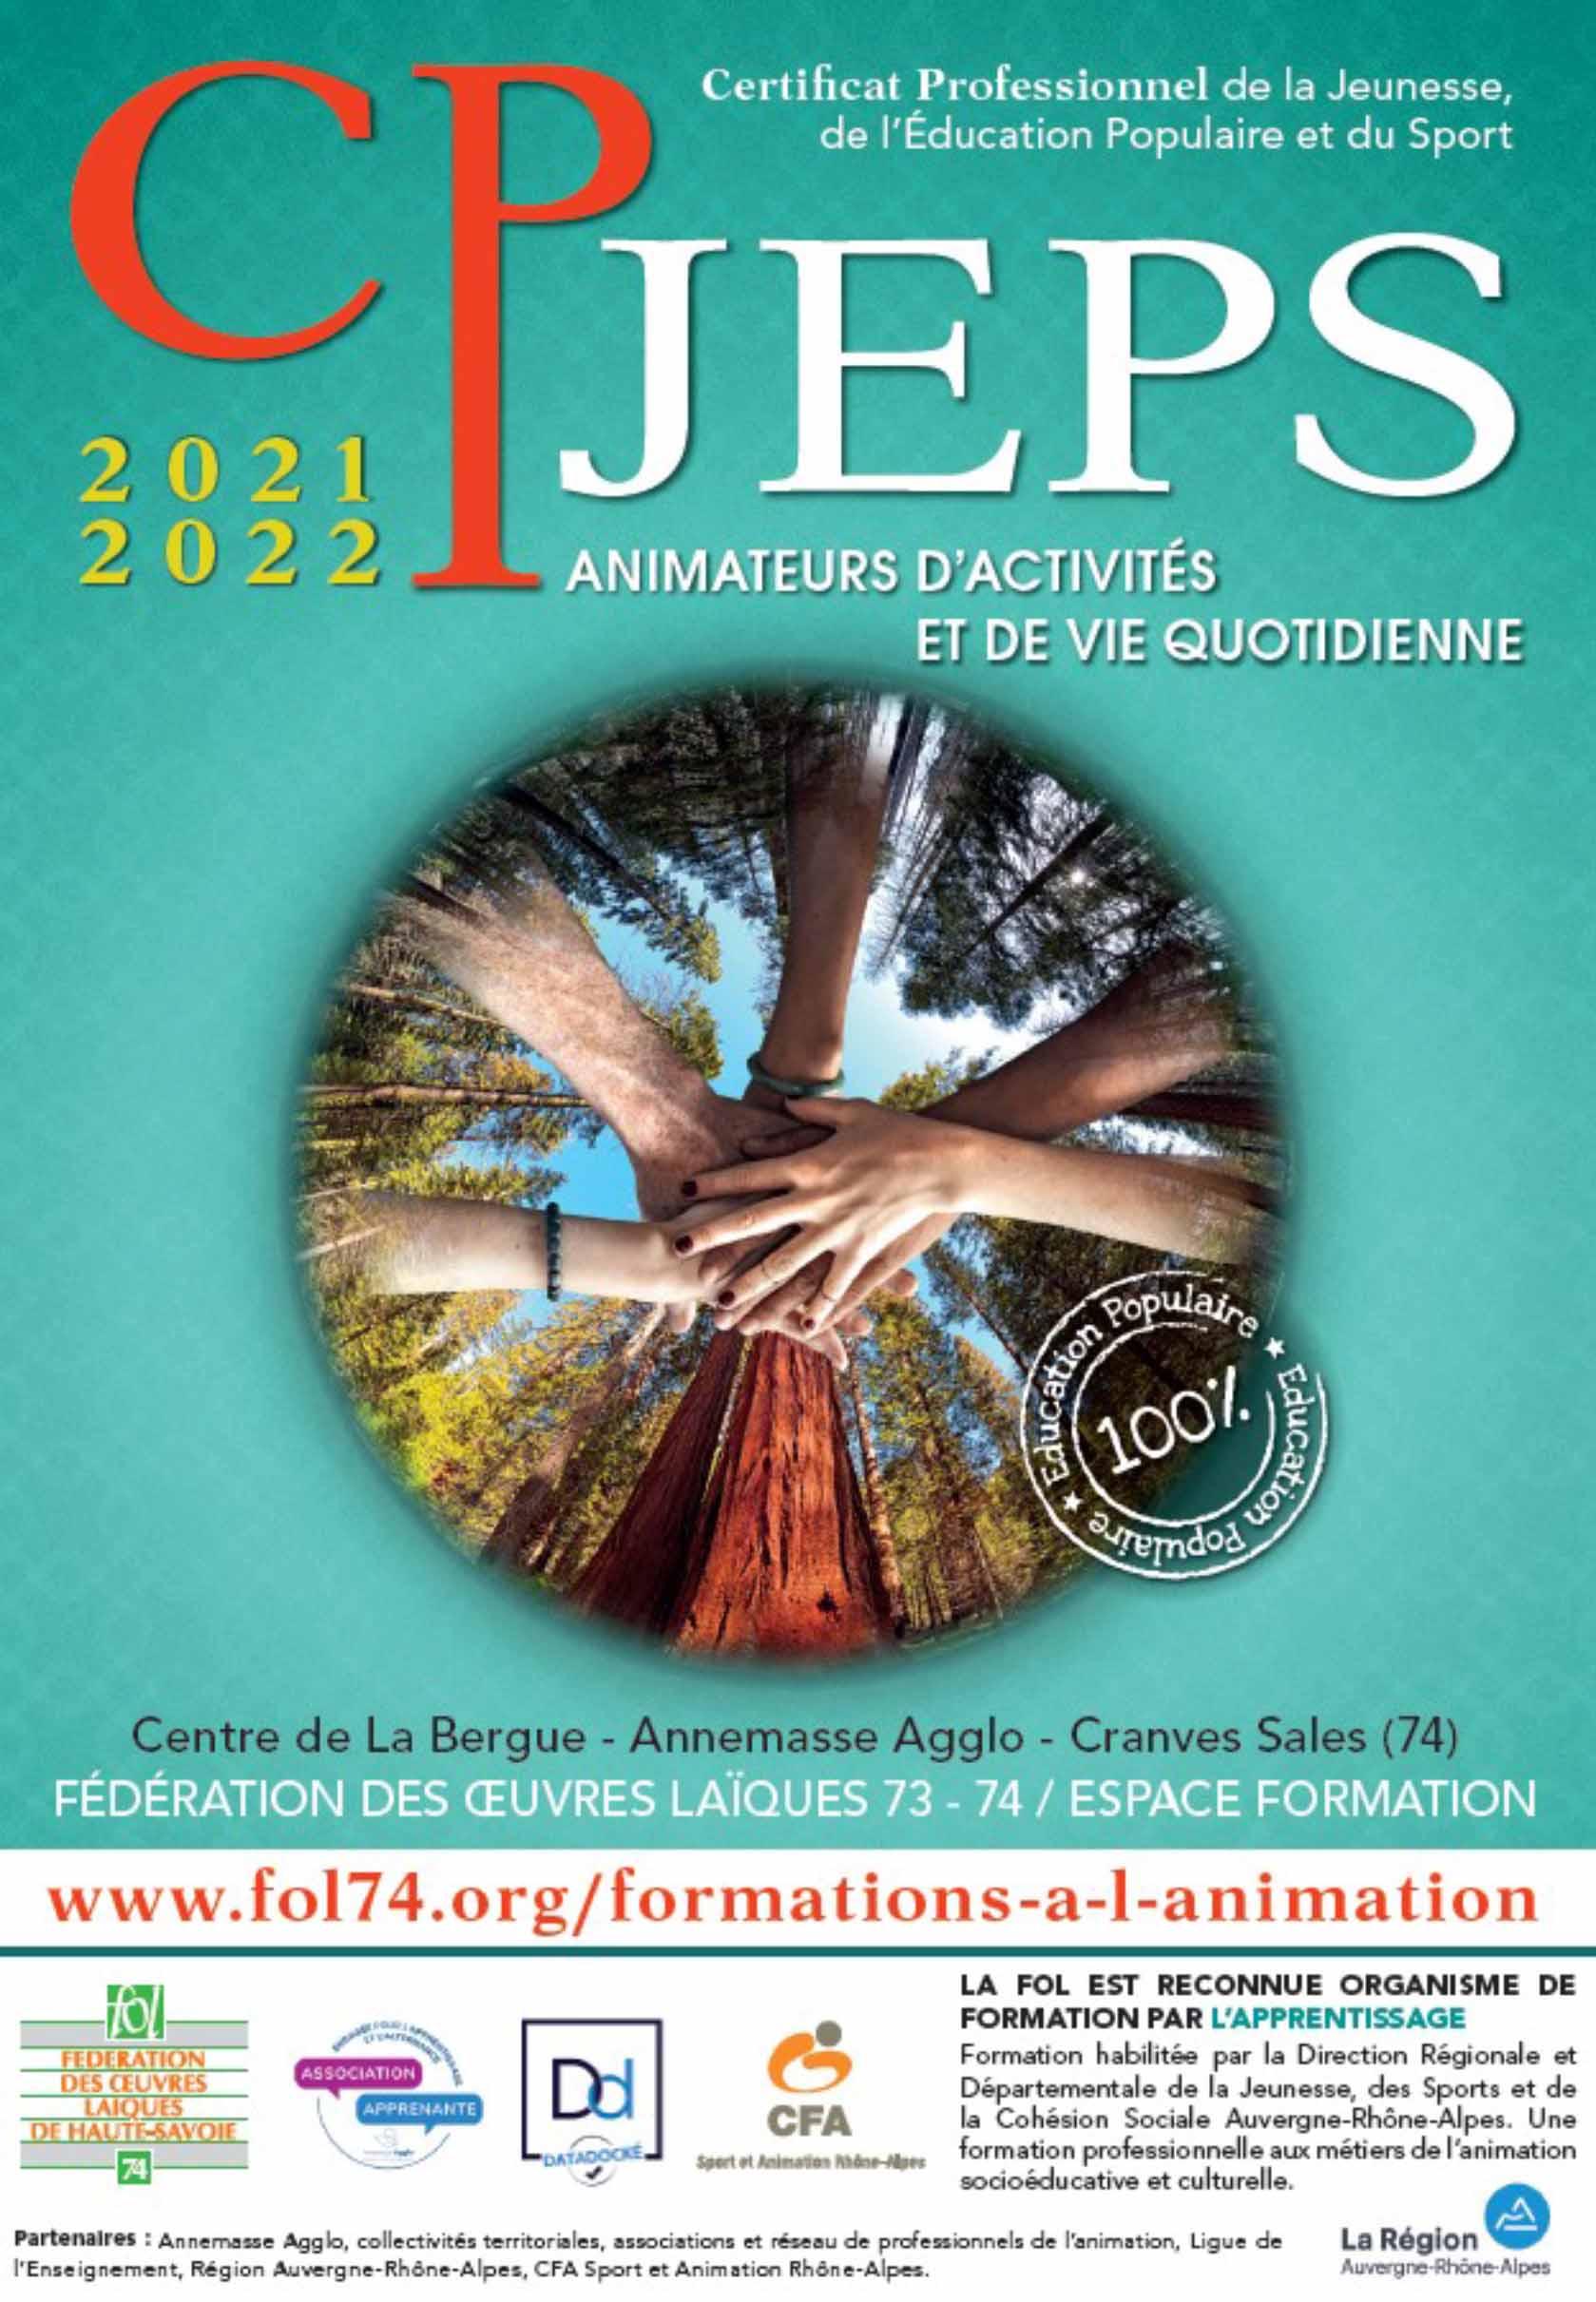 Prochaine session de formation CPJEPS du 15 novembre 2021 au 9 décembre 2022